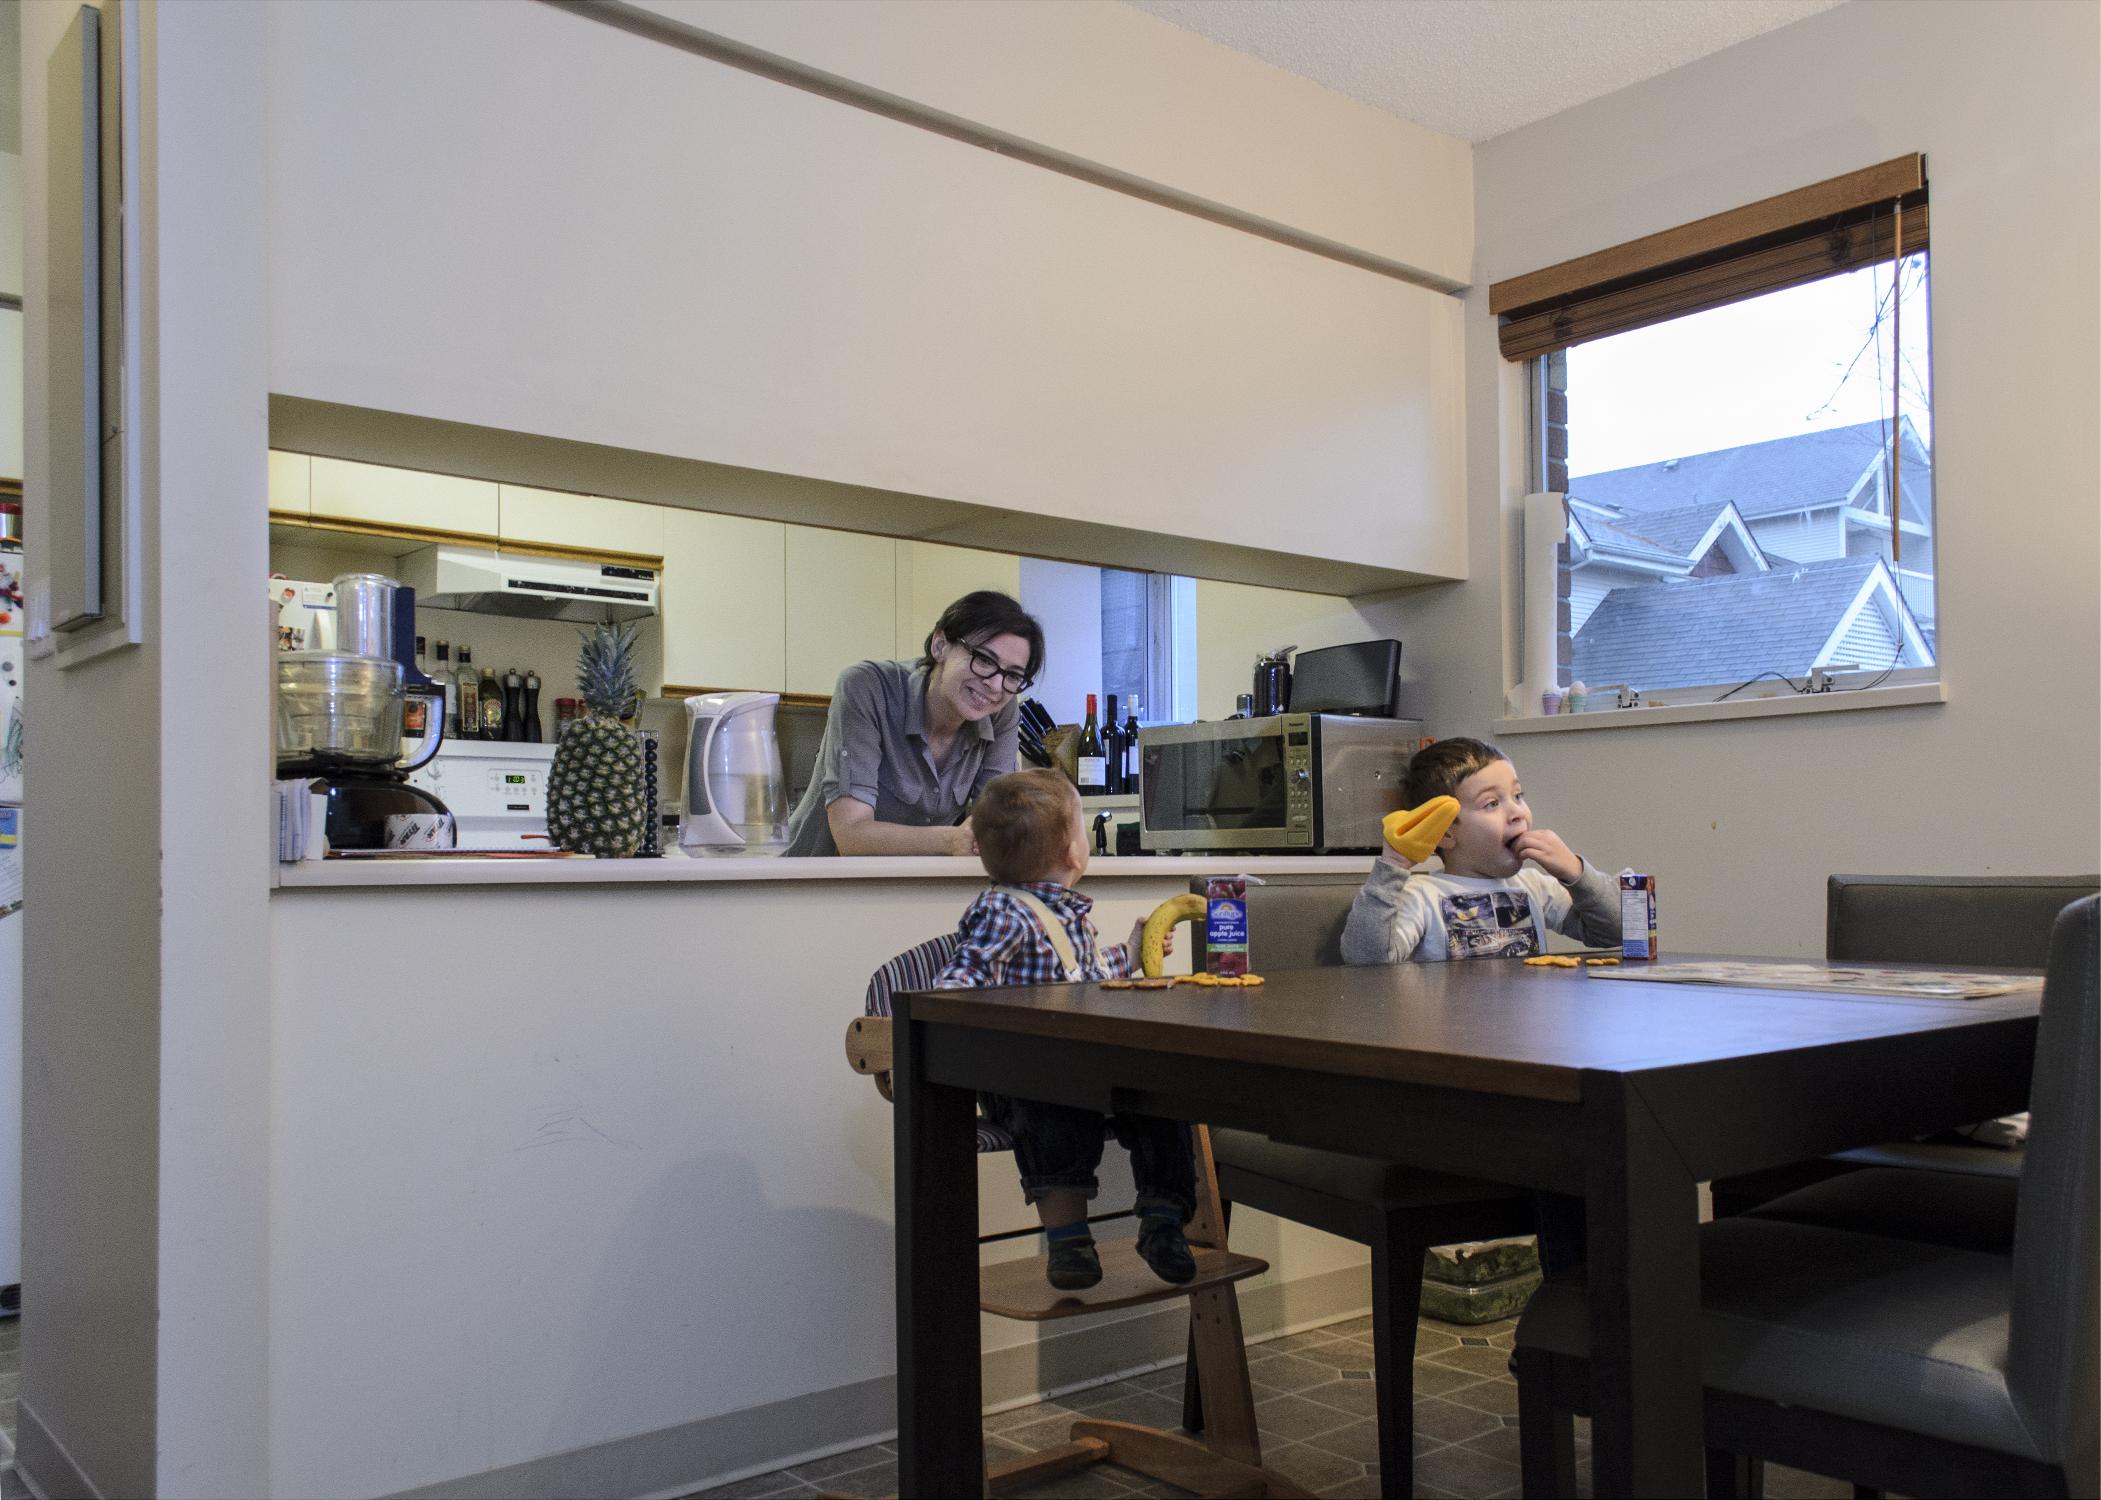 Acadia_2014_kitchen_dj